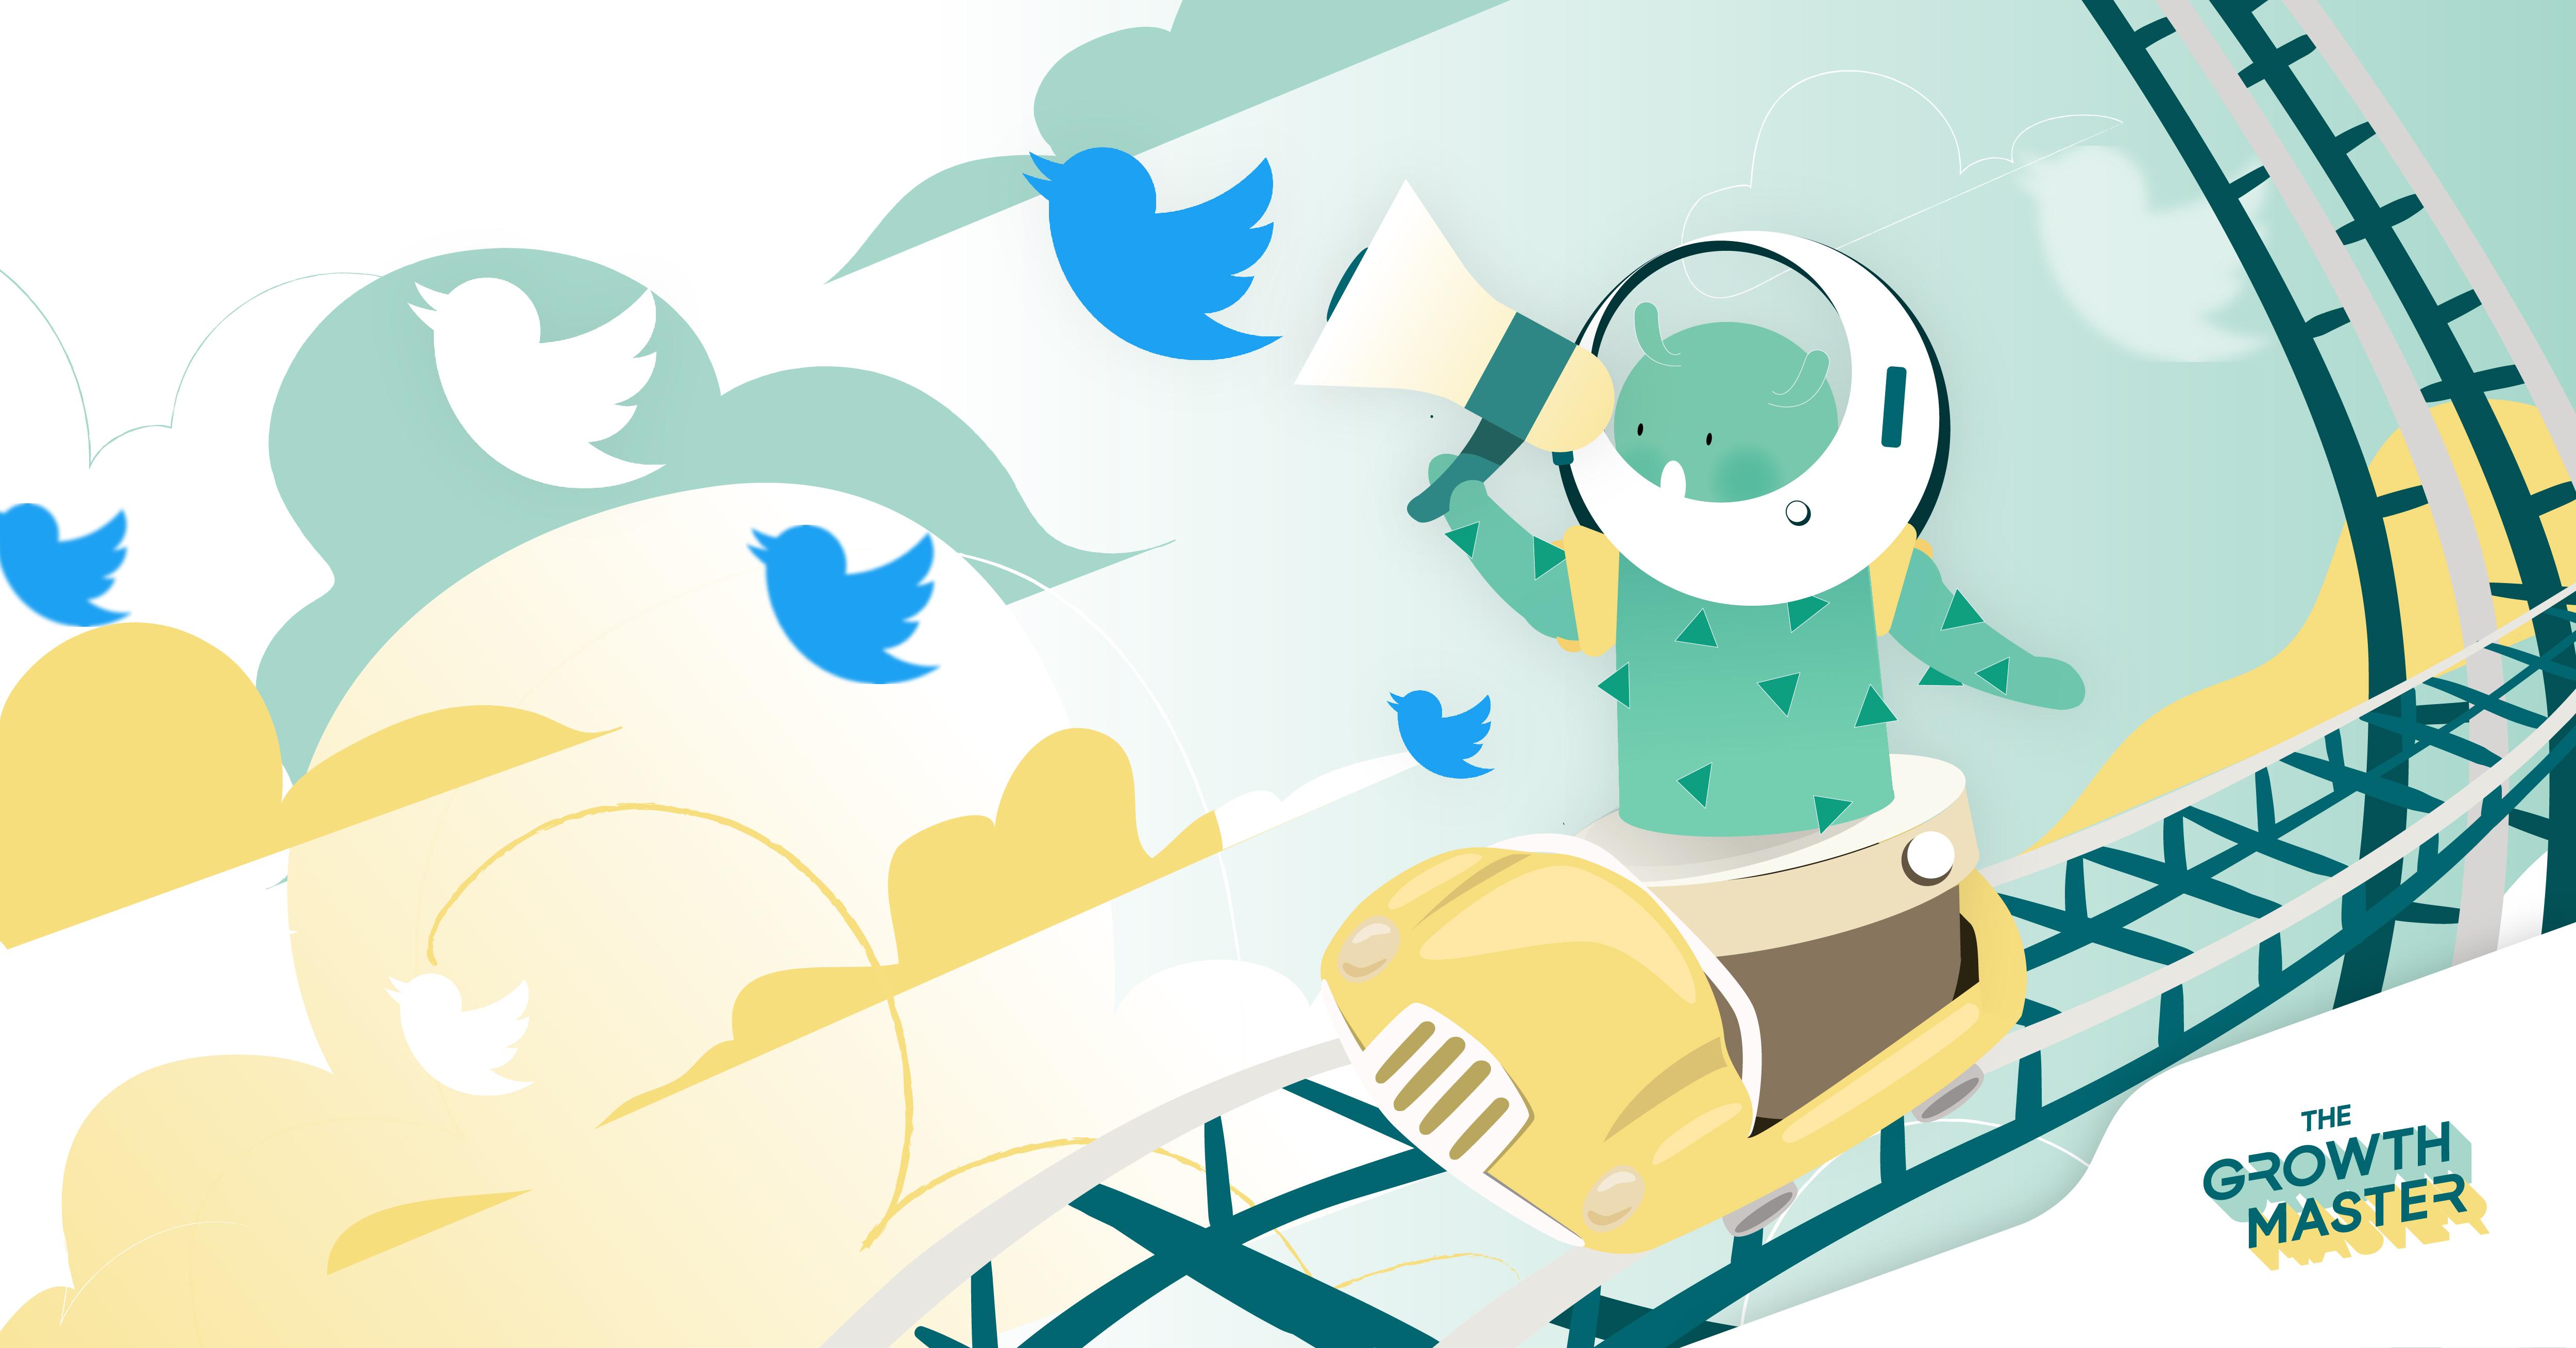 Twitter Ads 101 : เริ่มต้นการทำโฆษณาบน Twitter พร้อมเทคนิคการใช้งาน เพื่อสร้างประโยชน์ให้ธุรกิจ